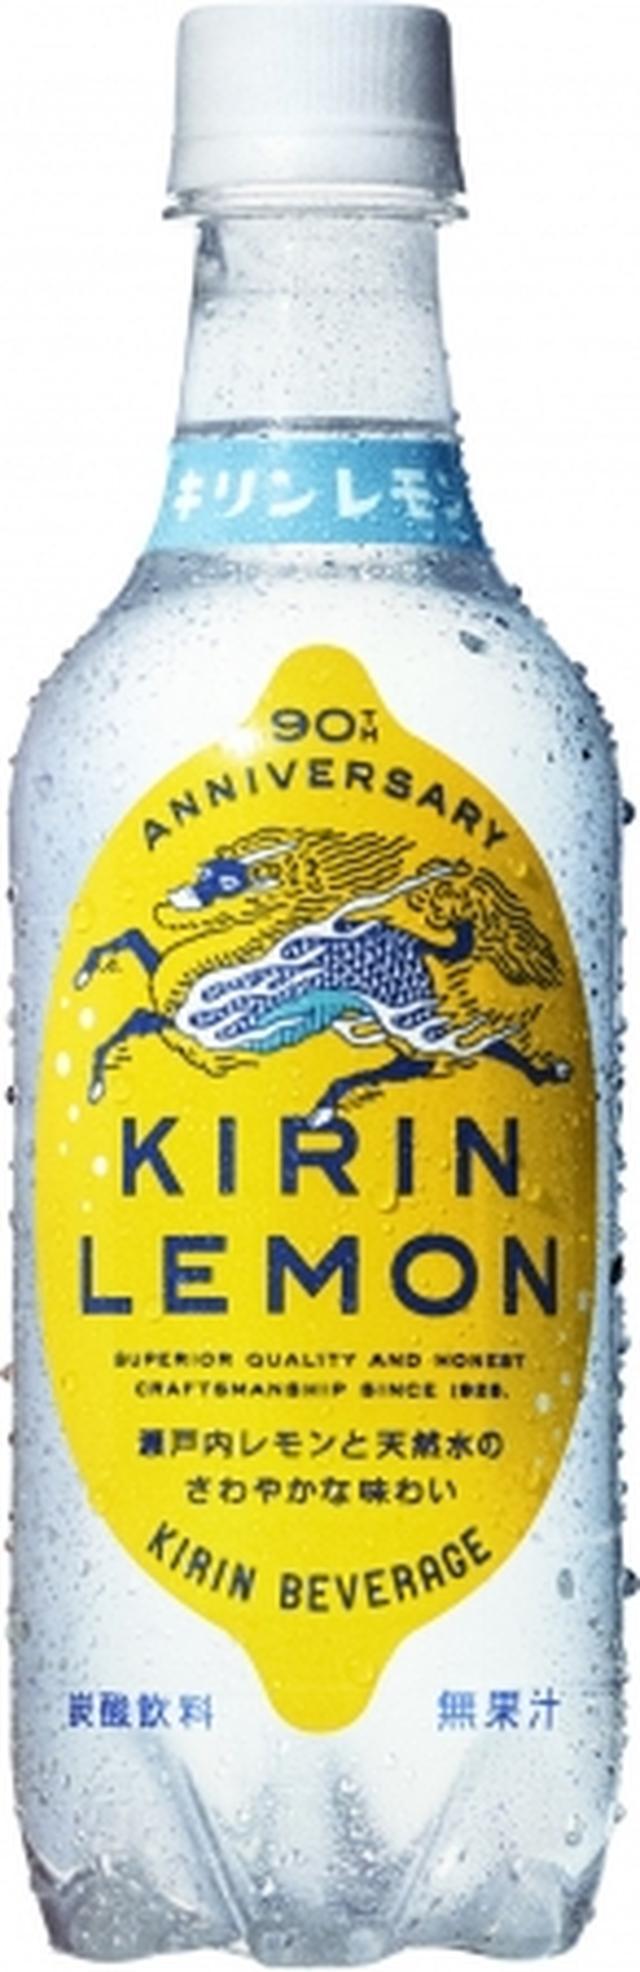 画像2: 人気声優 水瀬いのりが歌う夢を追いかける キリンレモンのうた 「まっすぐに、トウメイに。」スペシャルミュージックビデオが公開